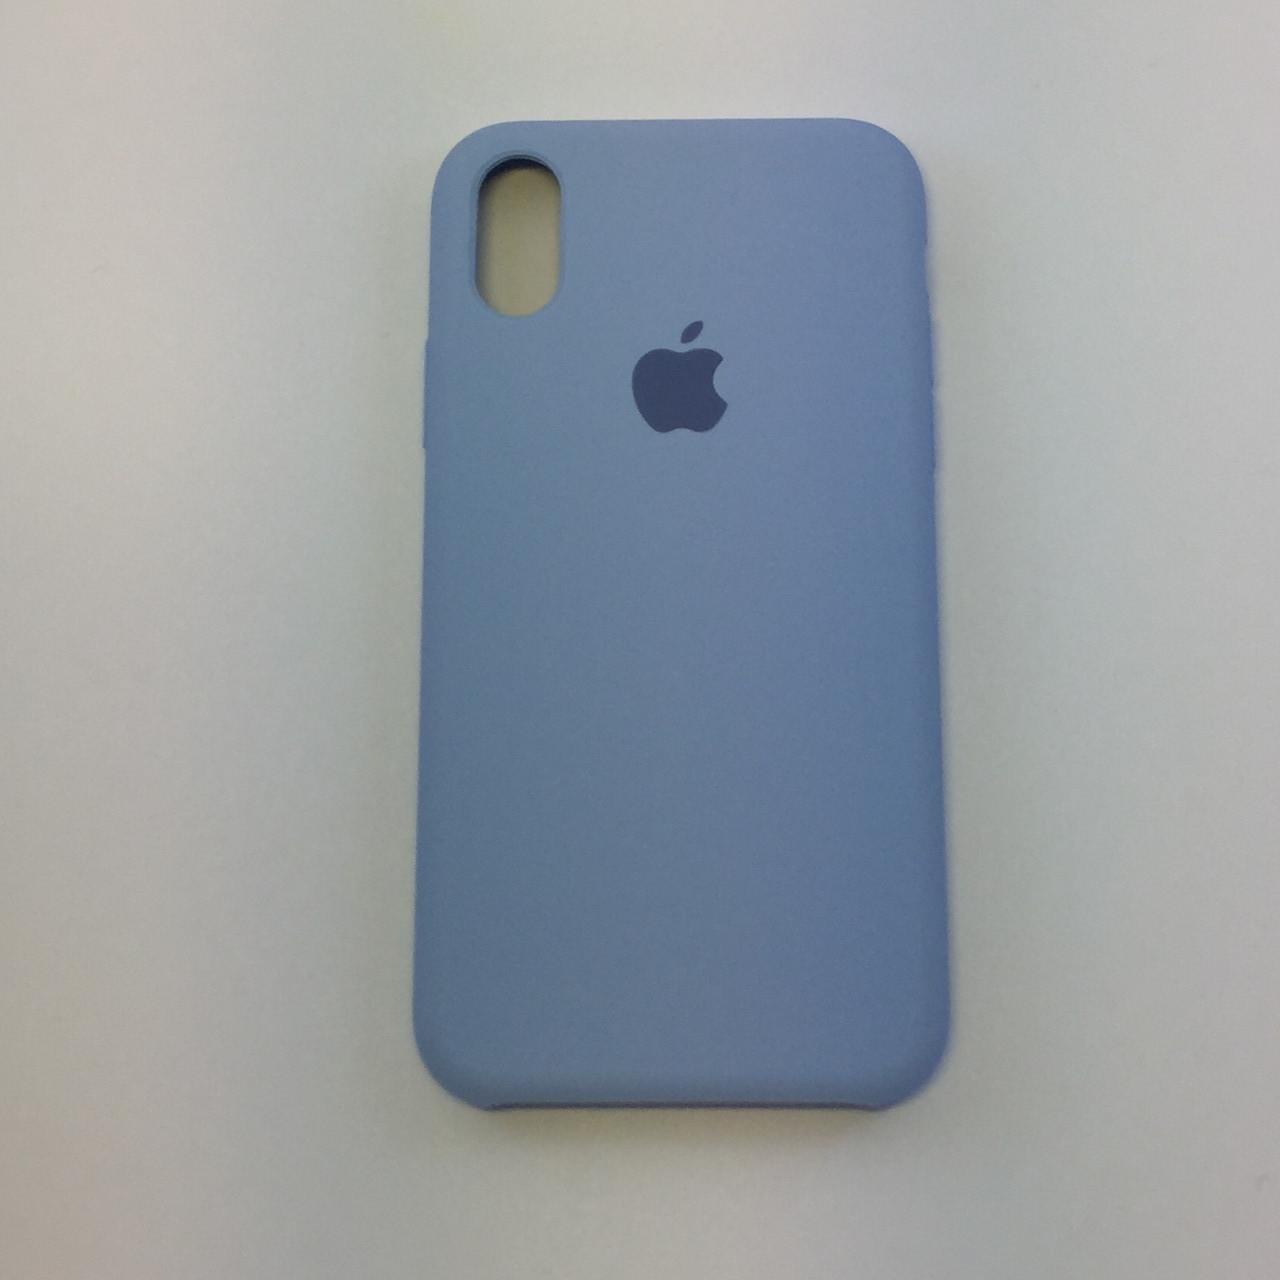 """Чехол - Silicon Case для iPhone """"Кремово-лиловый - №5"""" - copy orig."""